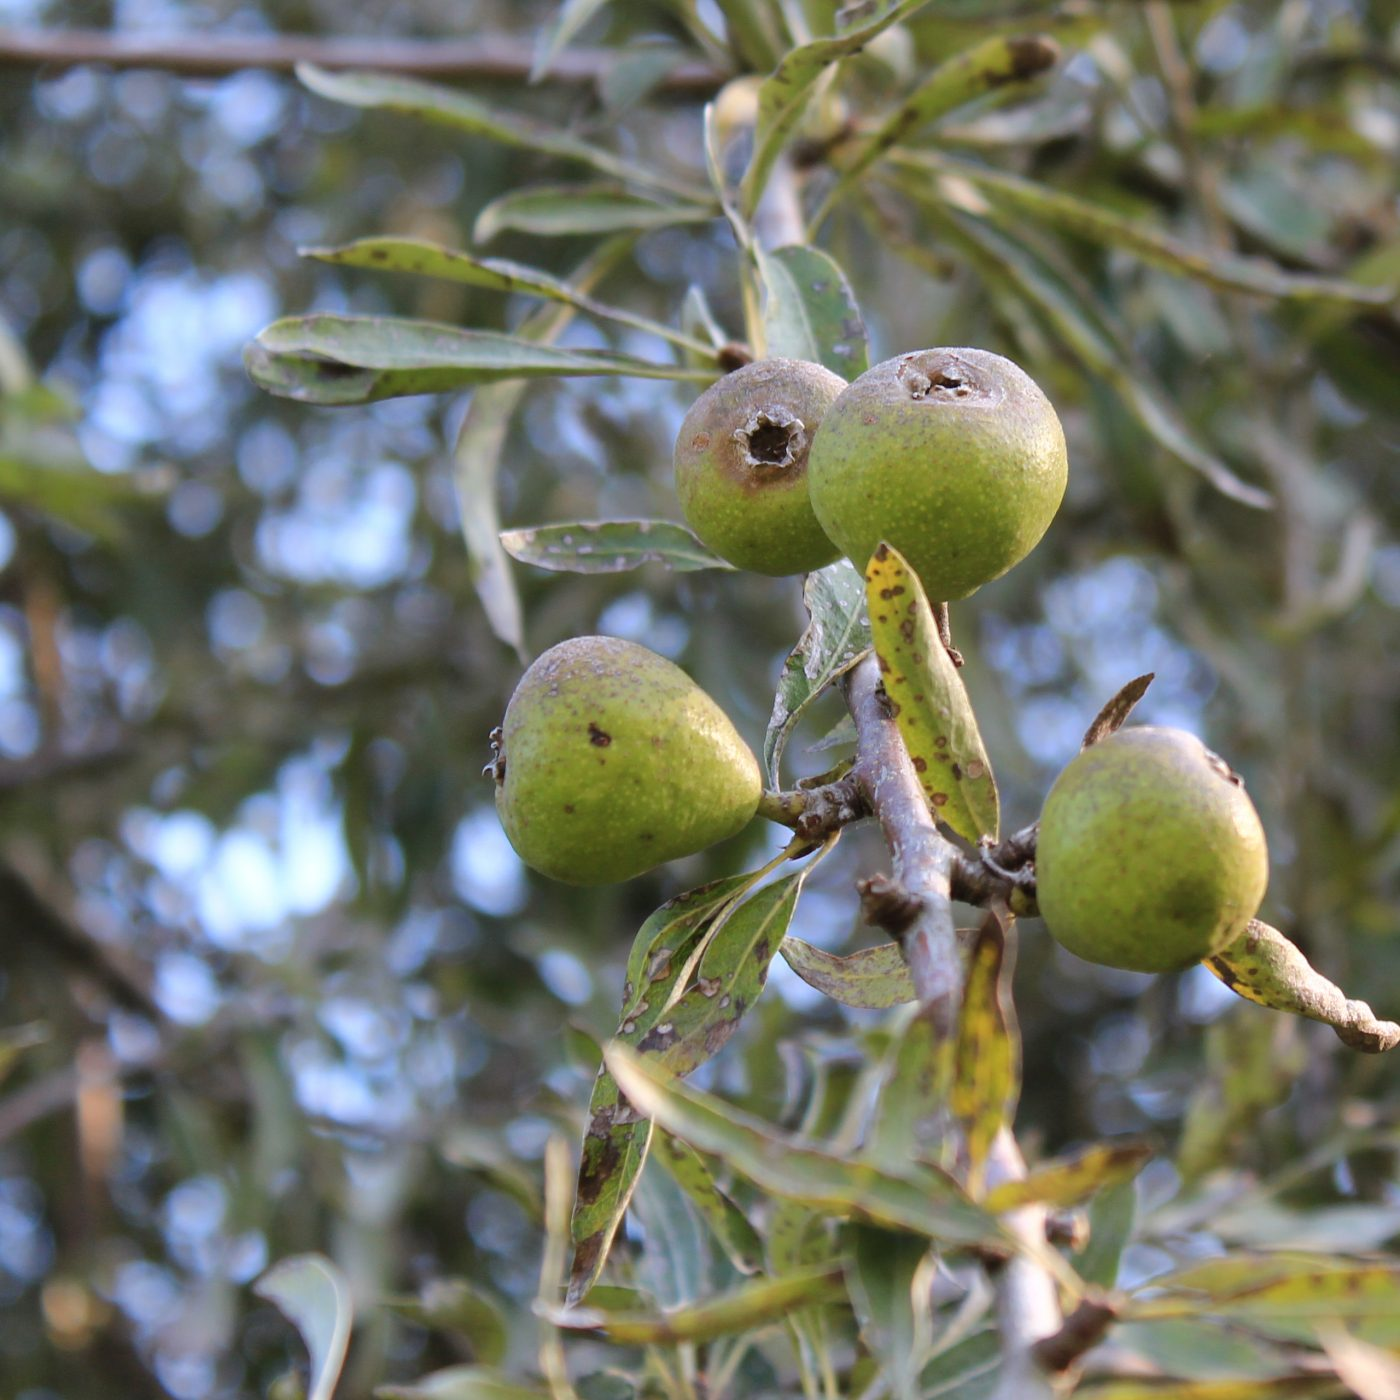 Früchte der weidenblättrigen Birne